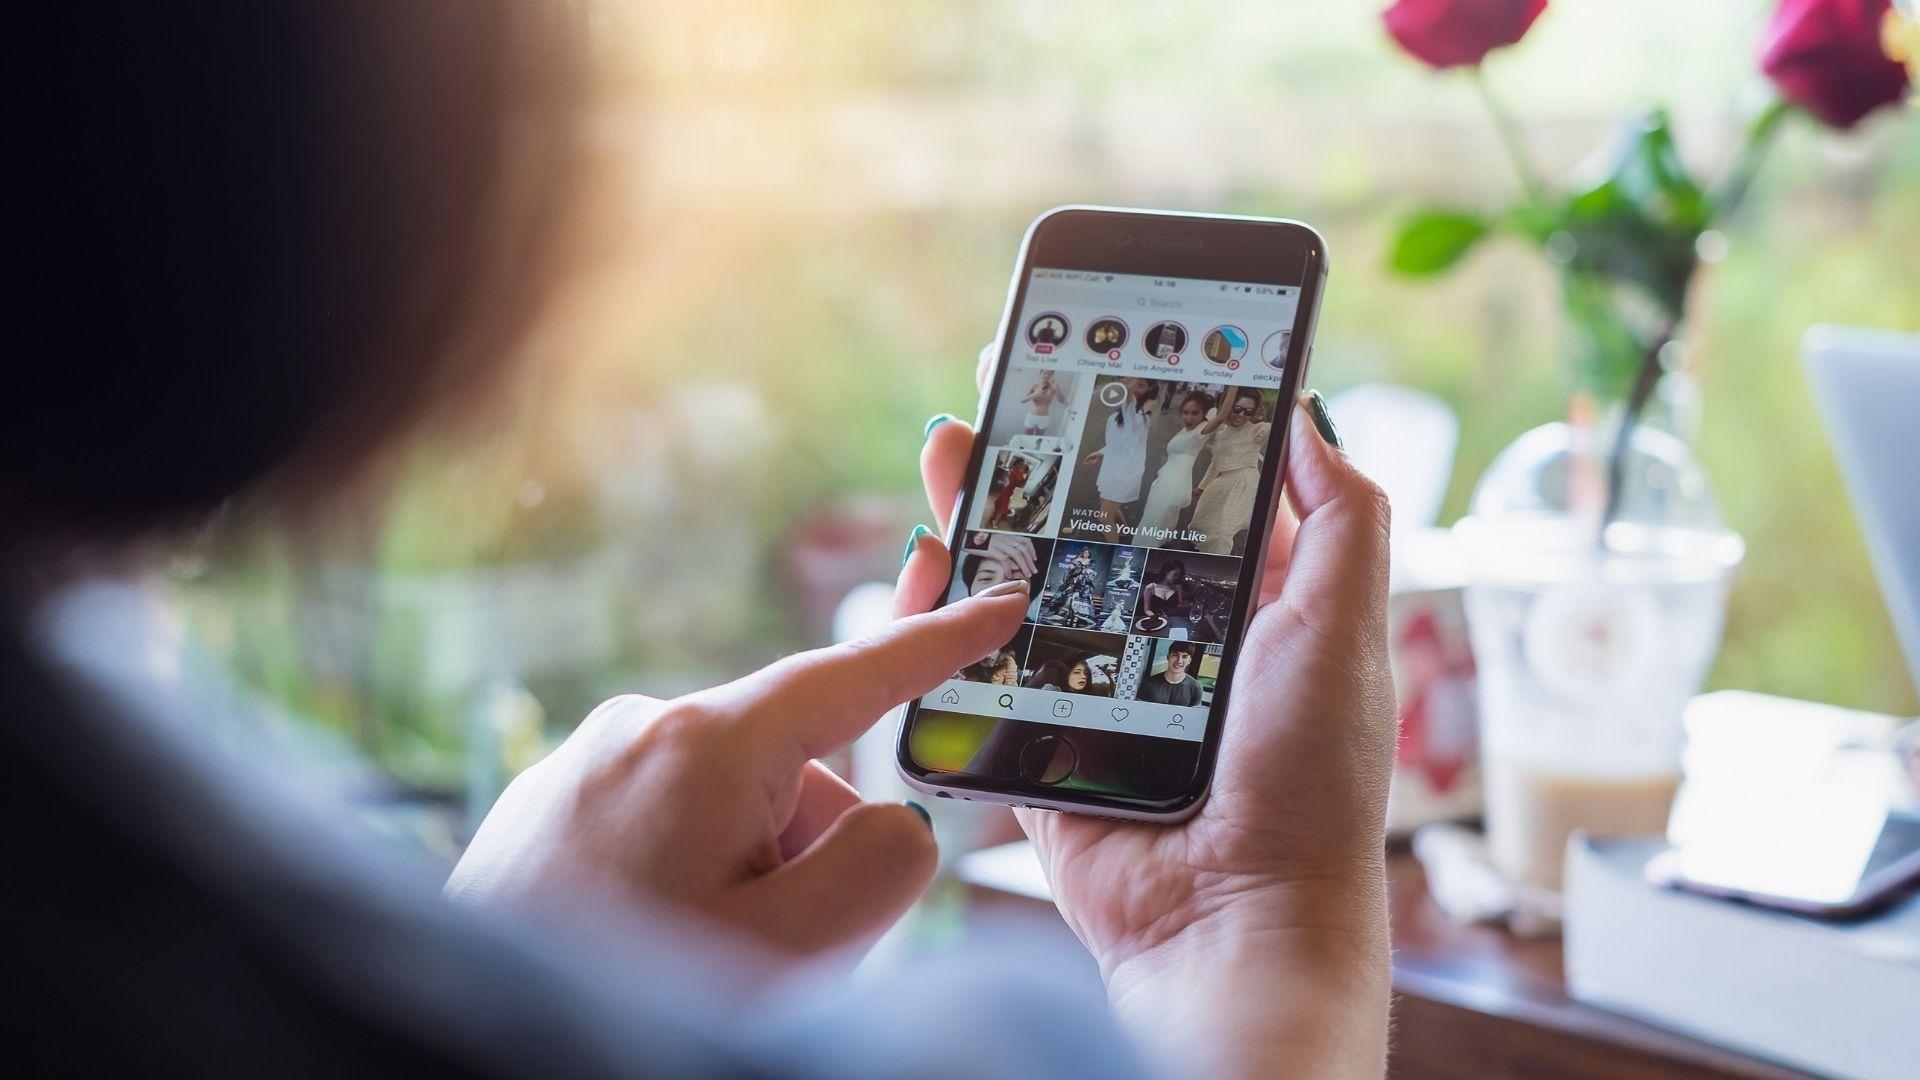 Como compartilhar stories no Instagram usando aplicativos? (Foto: Worawee Meepian / Shutterstock.com)